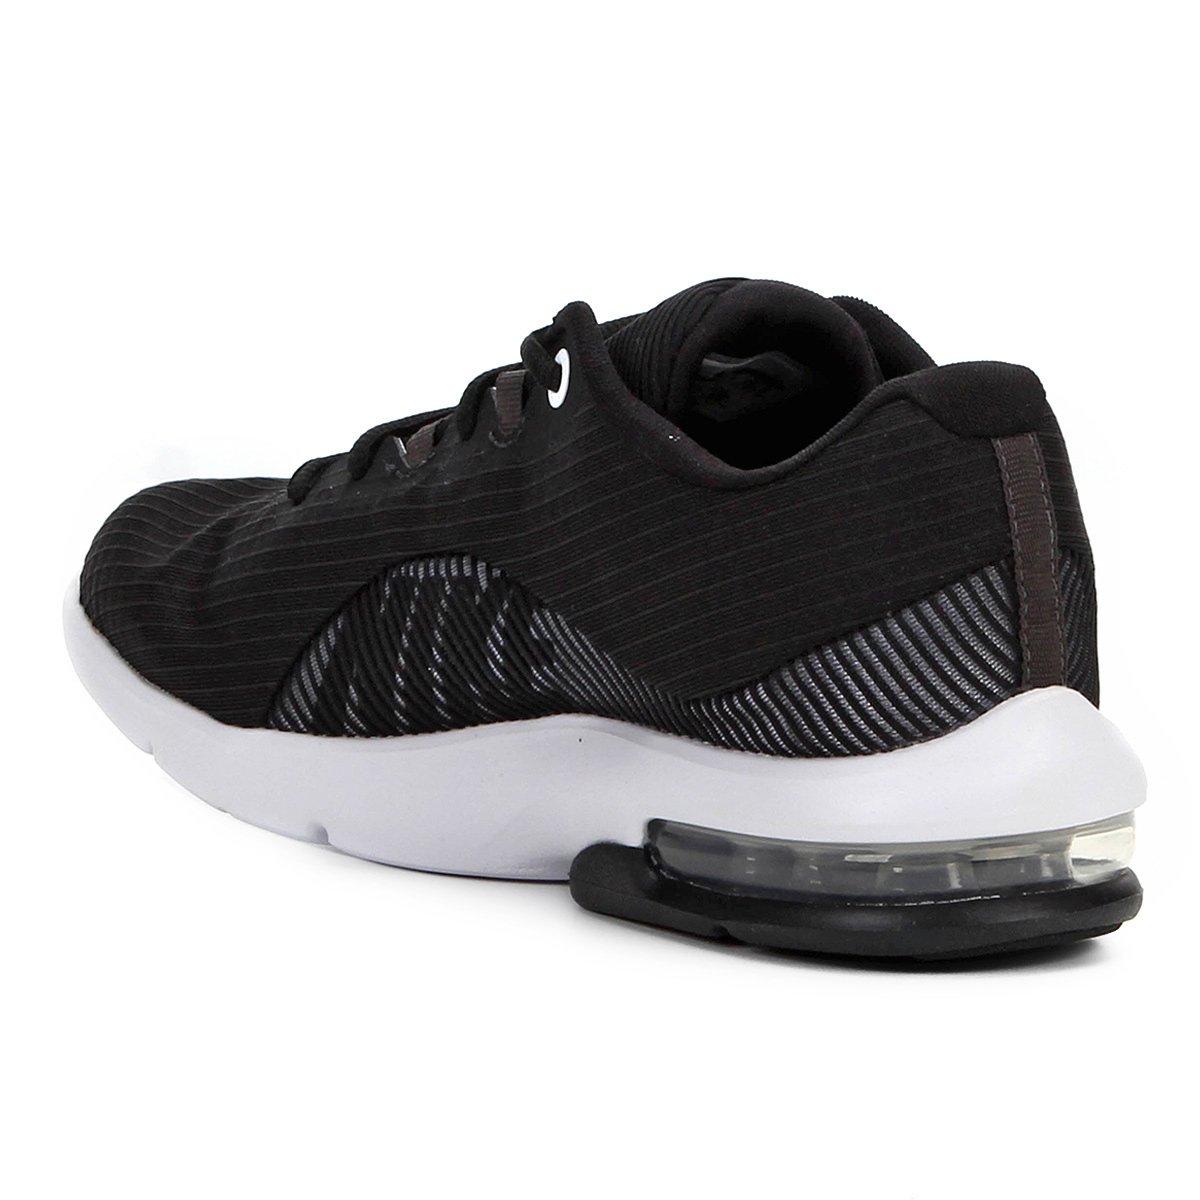 Masculino Preto e Air Nike Tênis Advantage Max 2 Branco 6gHqXY